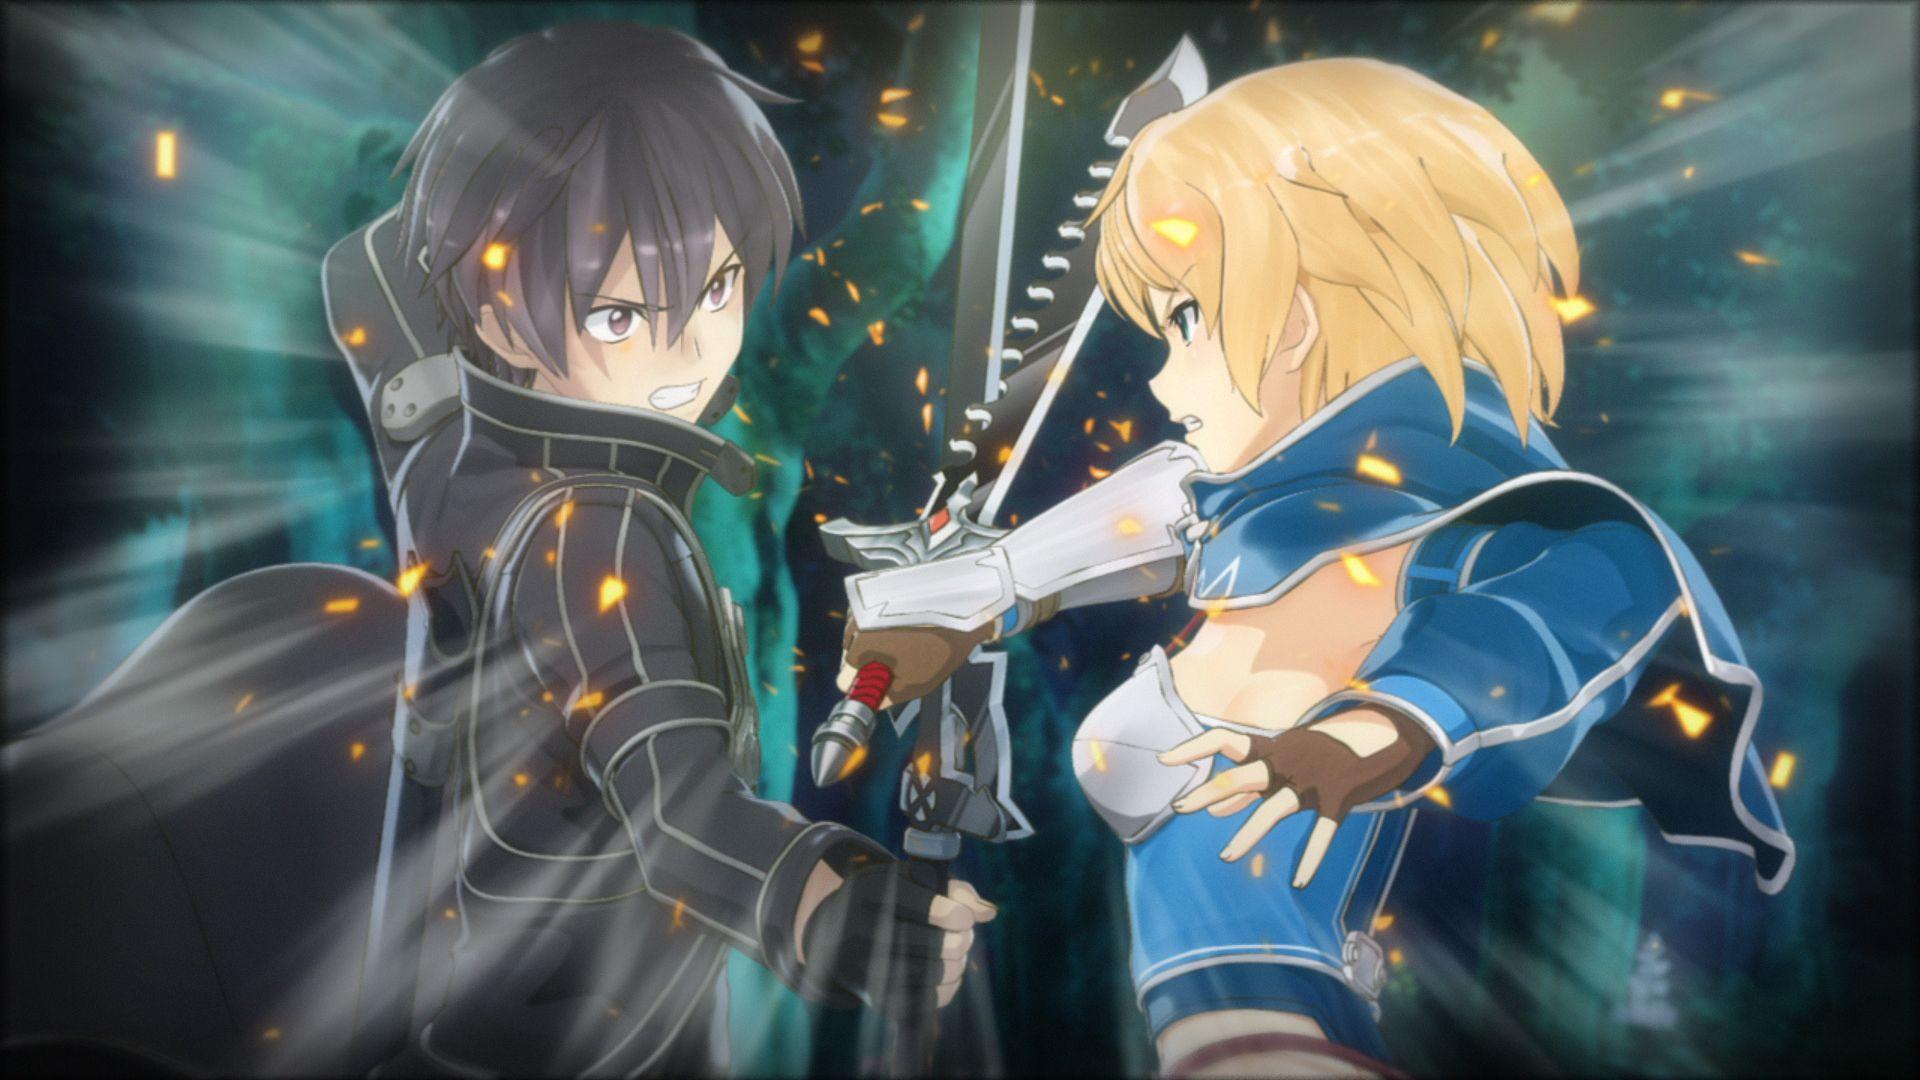 Sword Art Online Makes Its Way to PlayStation 4 Bandai